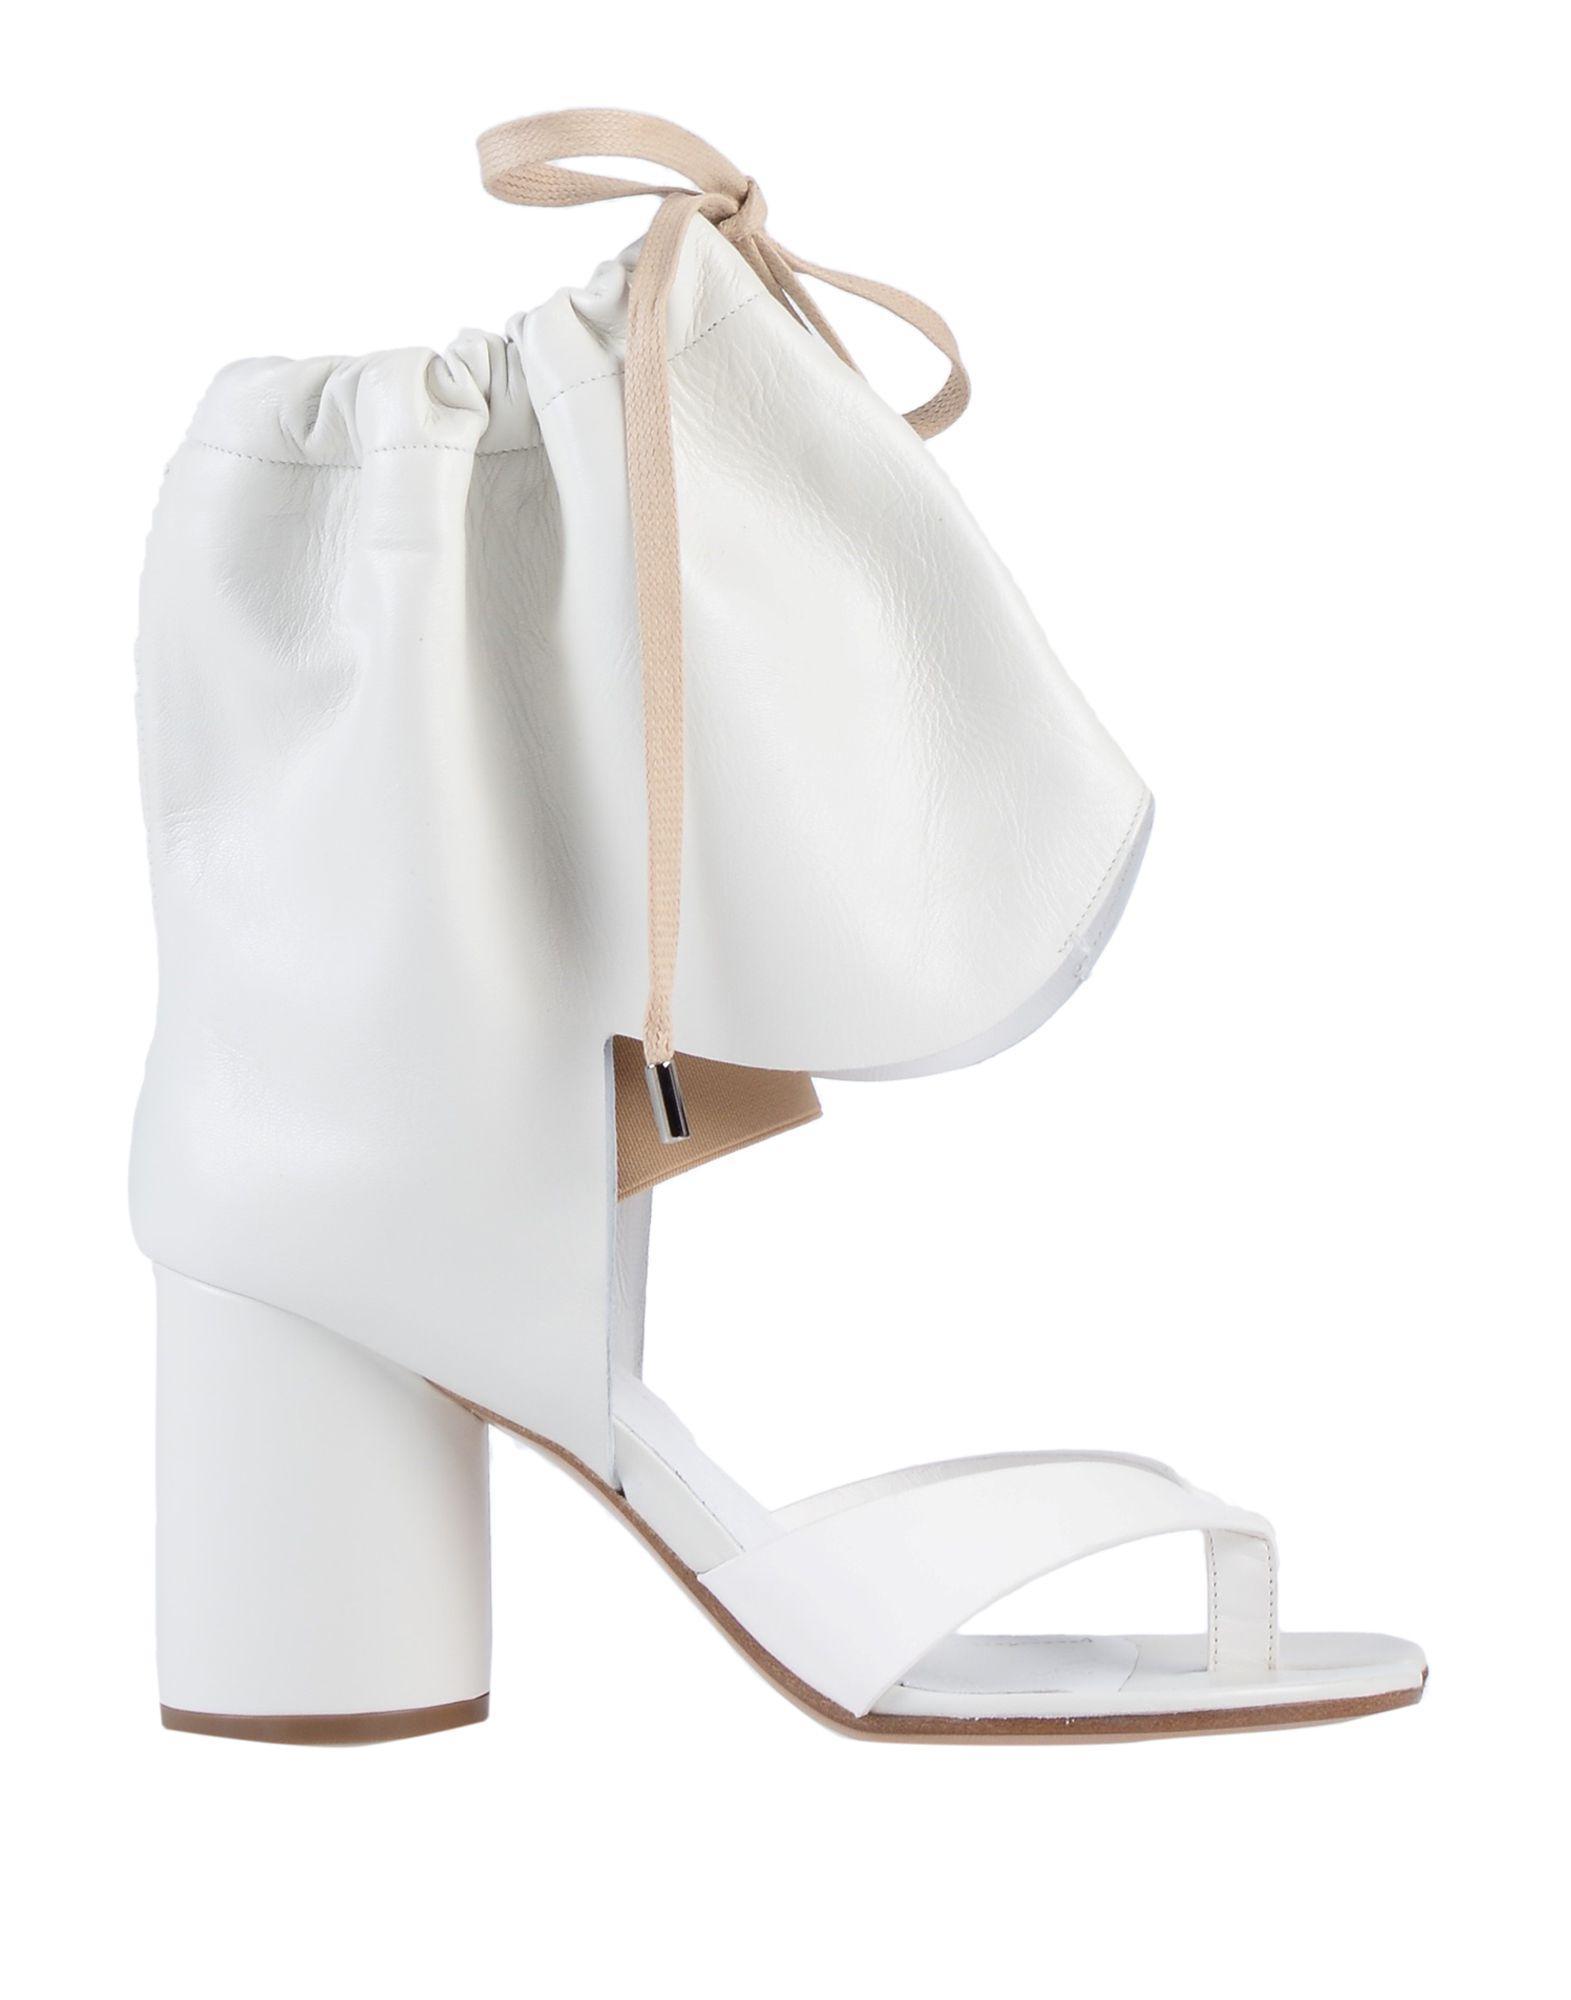 Nok8p0w Margiela Toe Sandal Post White Lyst Maison In VzpjqULGSM